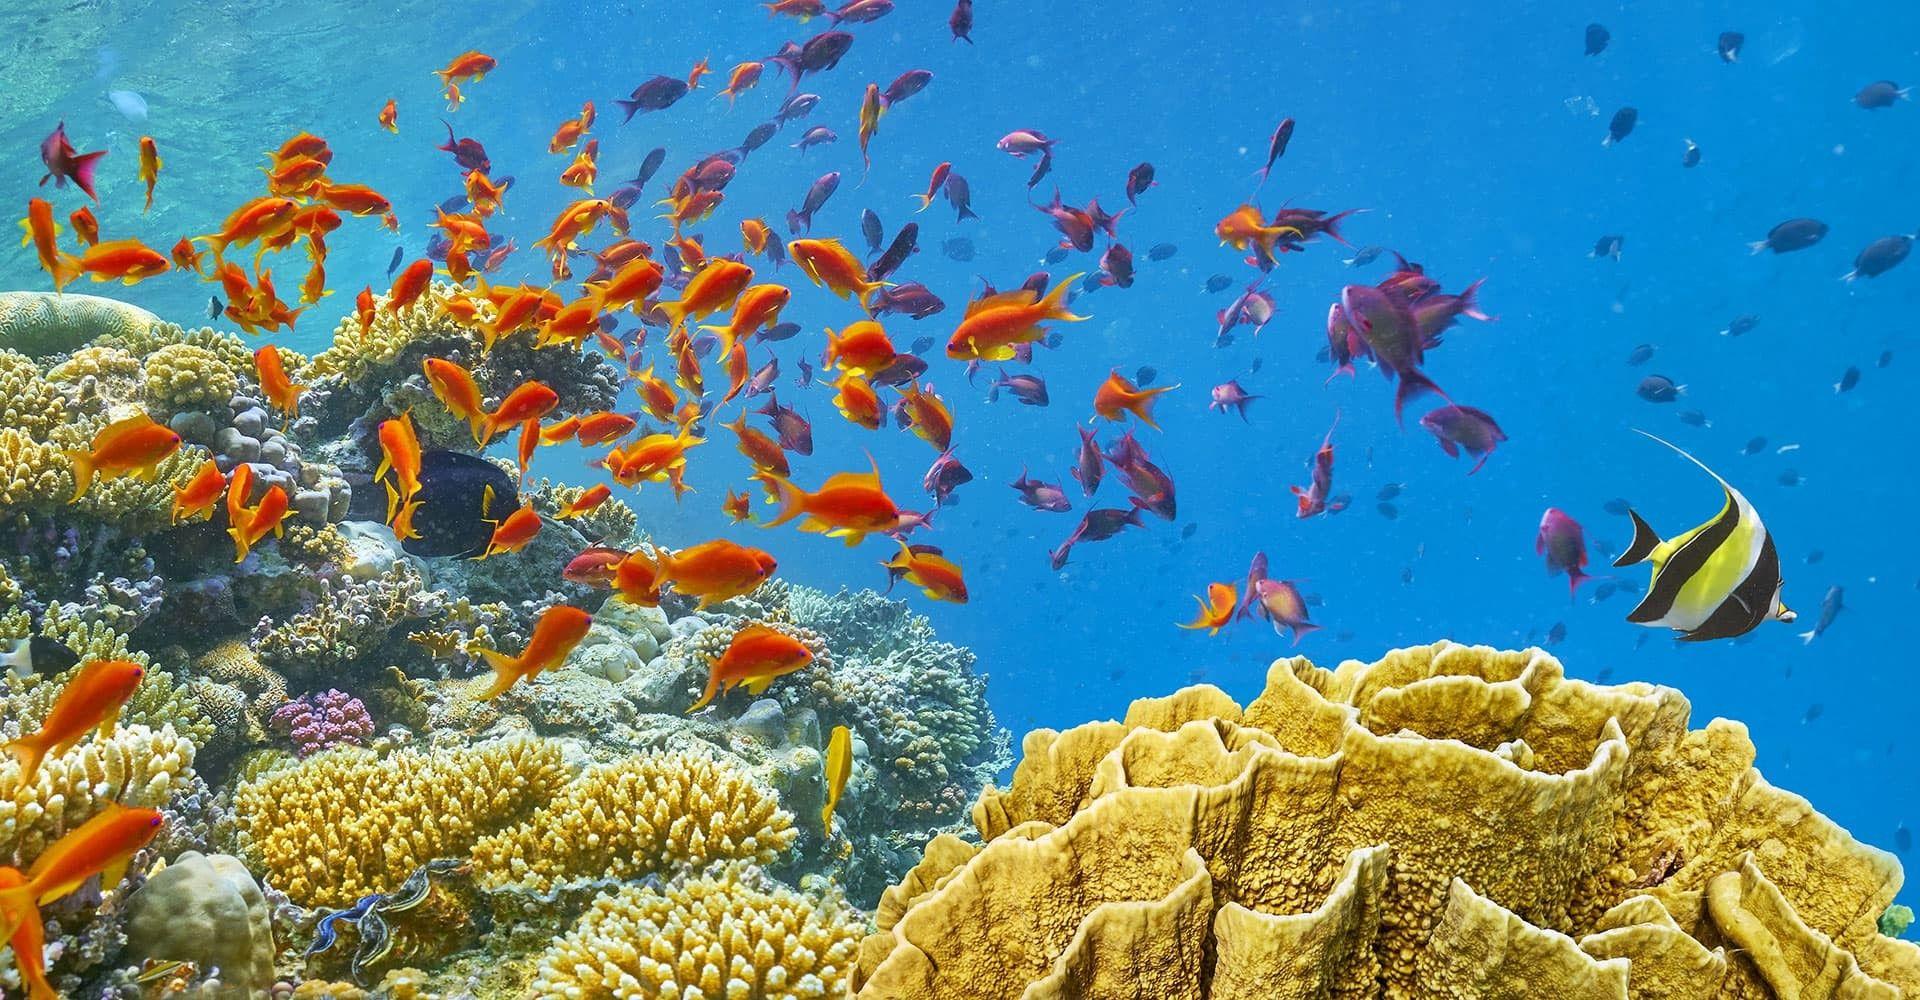 Počitnice v Egiptu in ogled podvodnega sveta